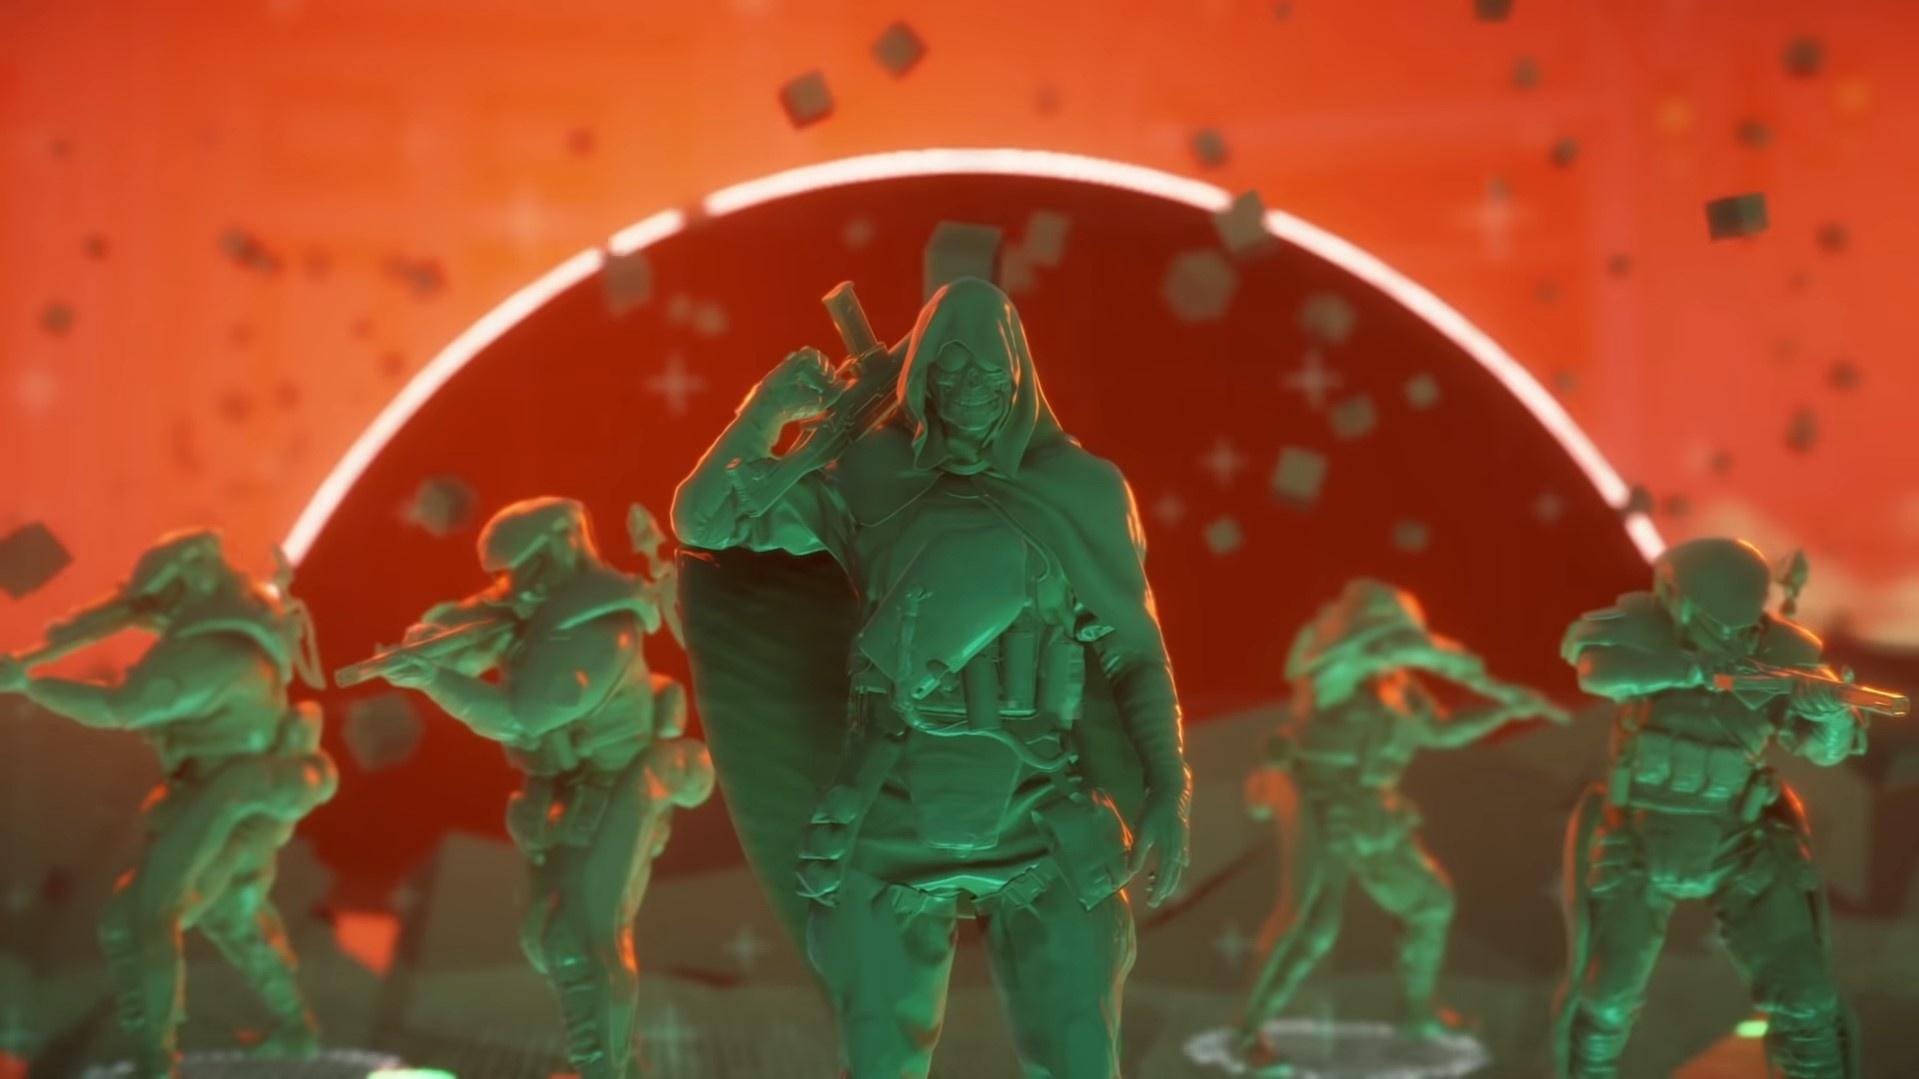 Сиквелы, симулятор ходьбы и полностью открытый мир: Кодзима о Death Stranding